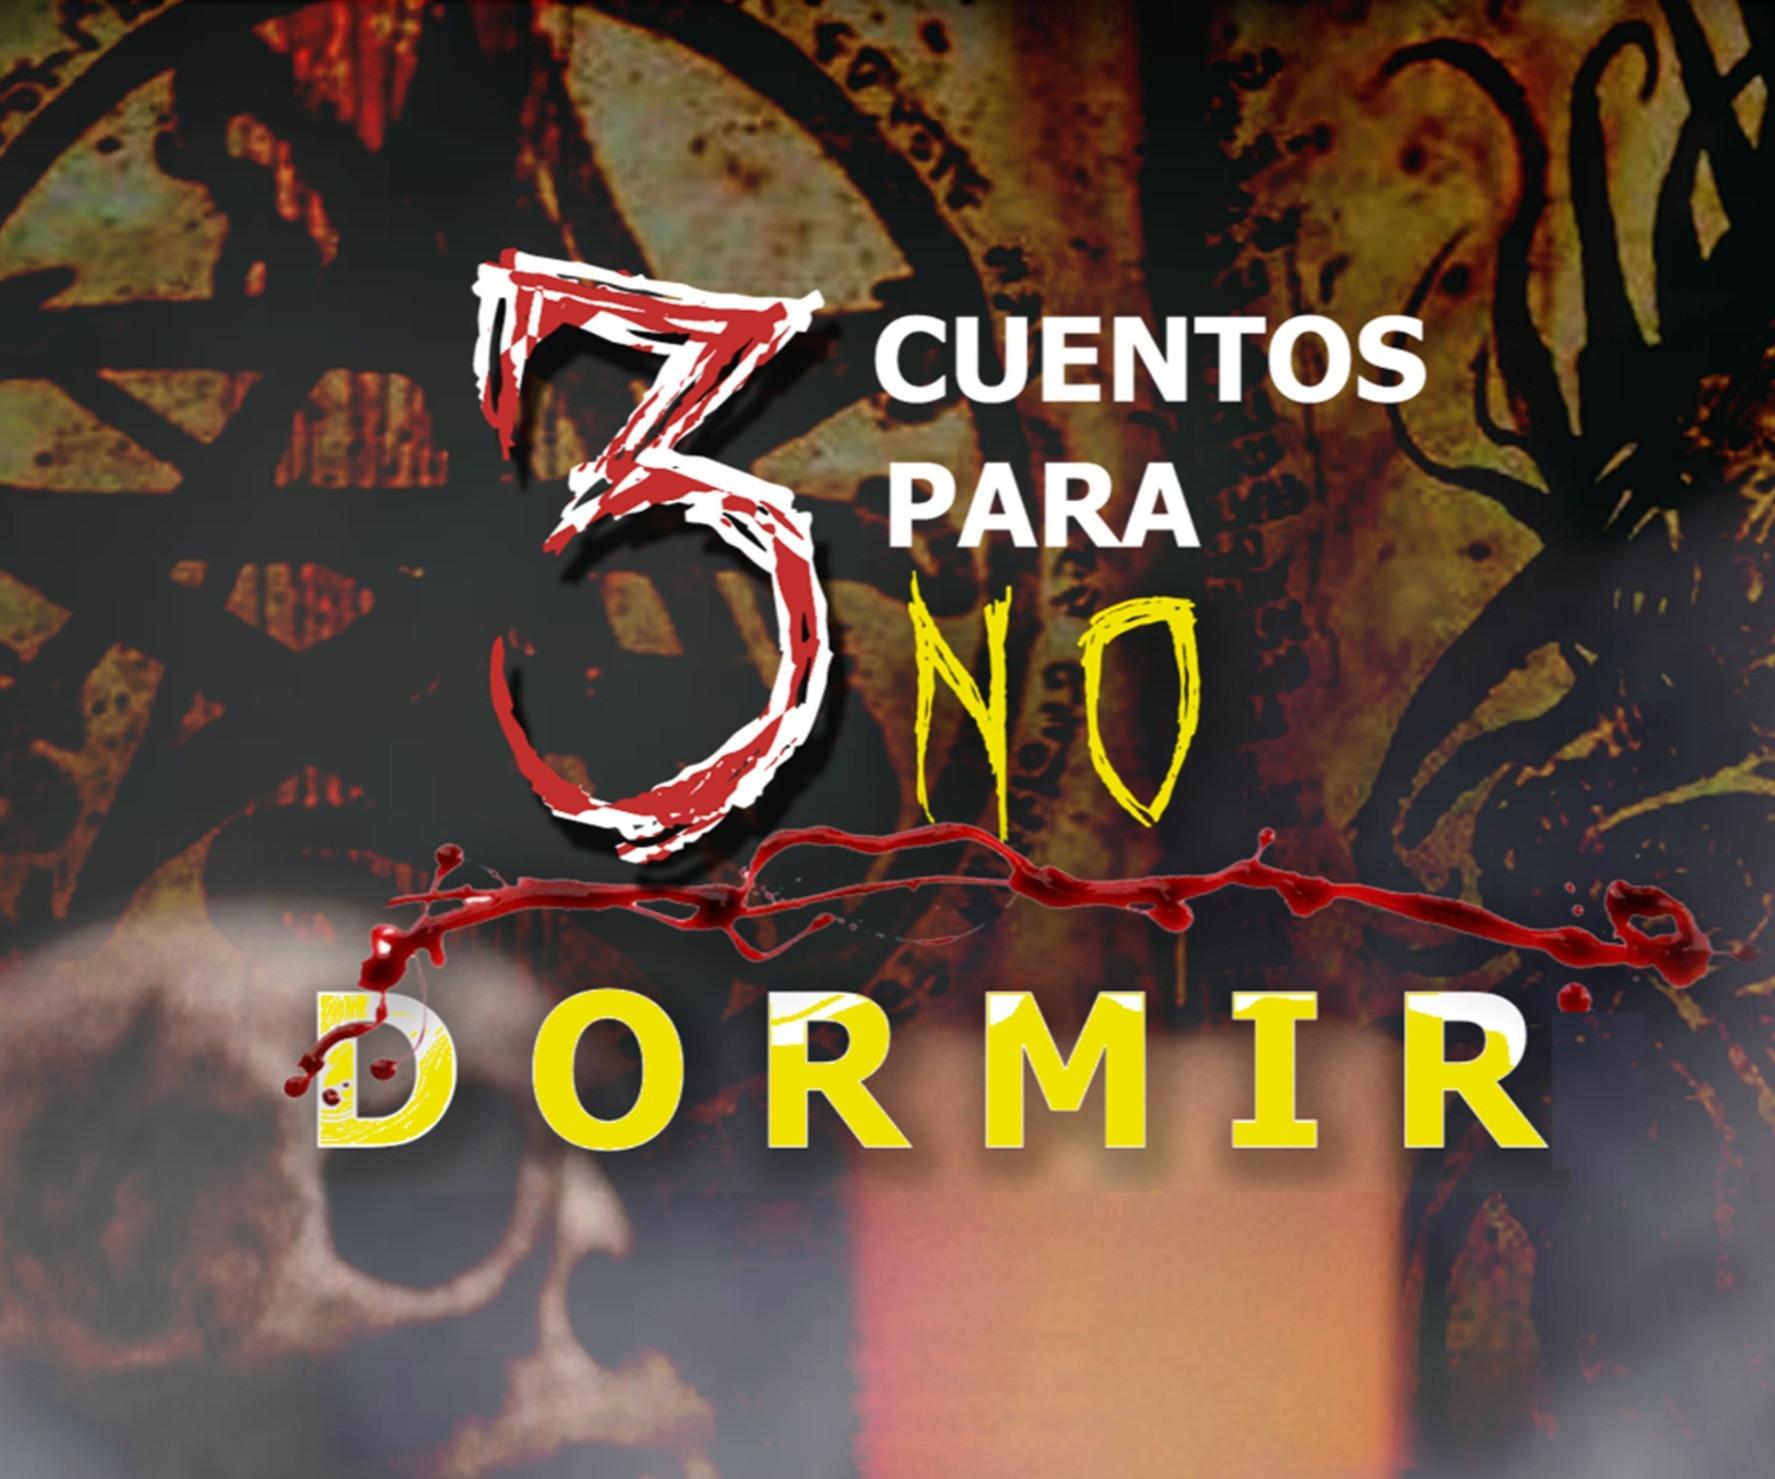 3 CUENTOS DE TERROR PARA NO DORMIR